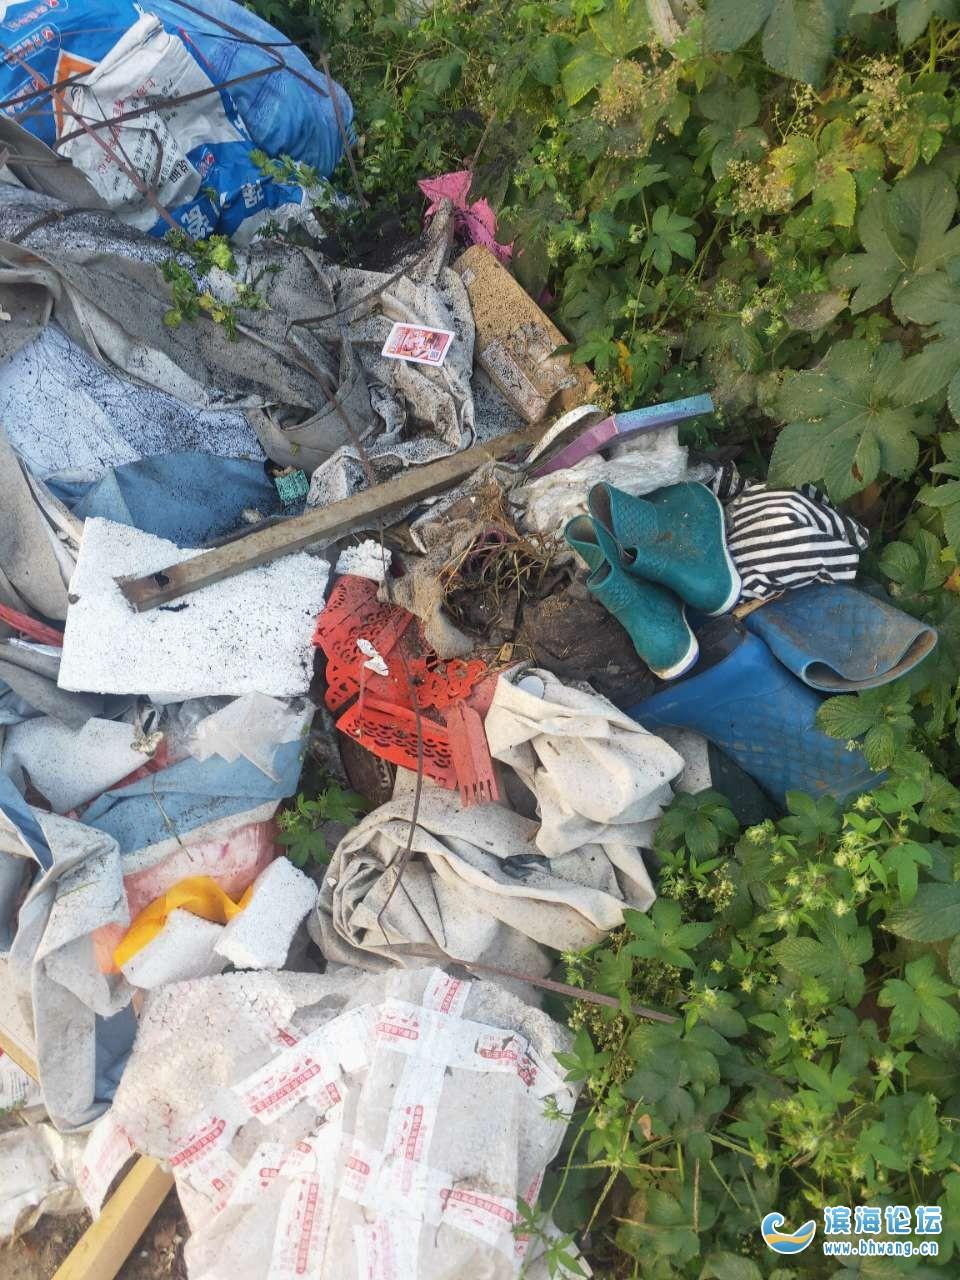 坎北街道西坎村原八组一垃圾池一个多月没人问,臭气熏天